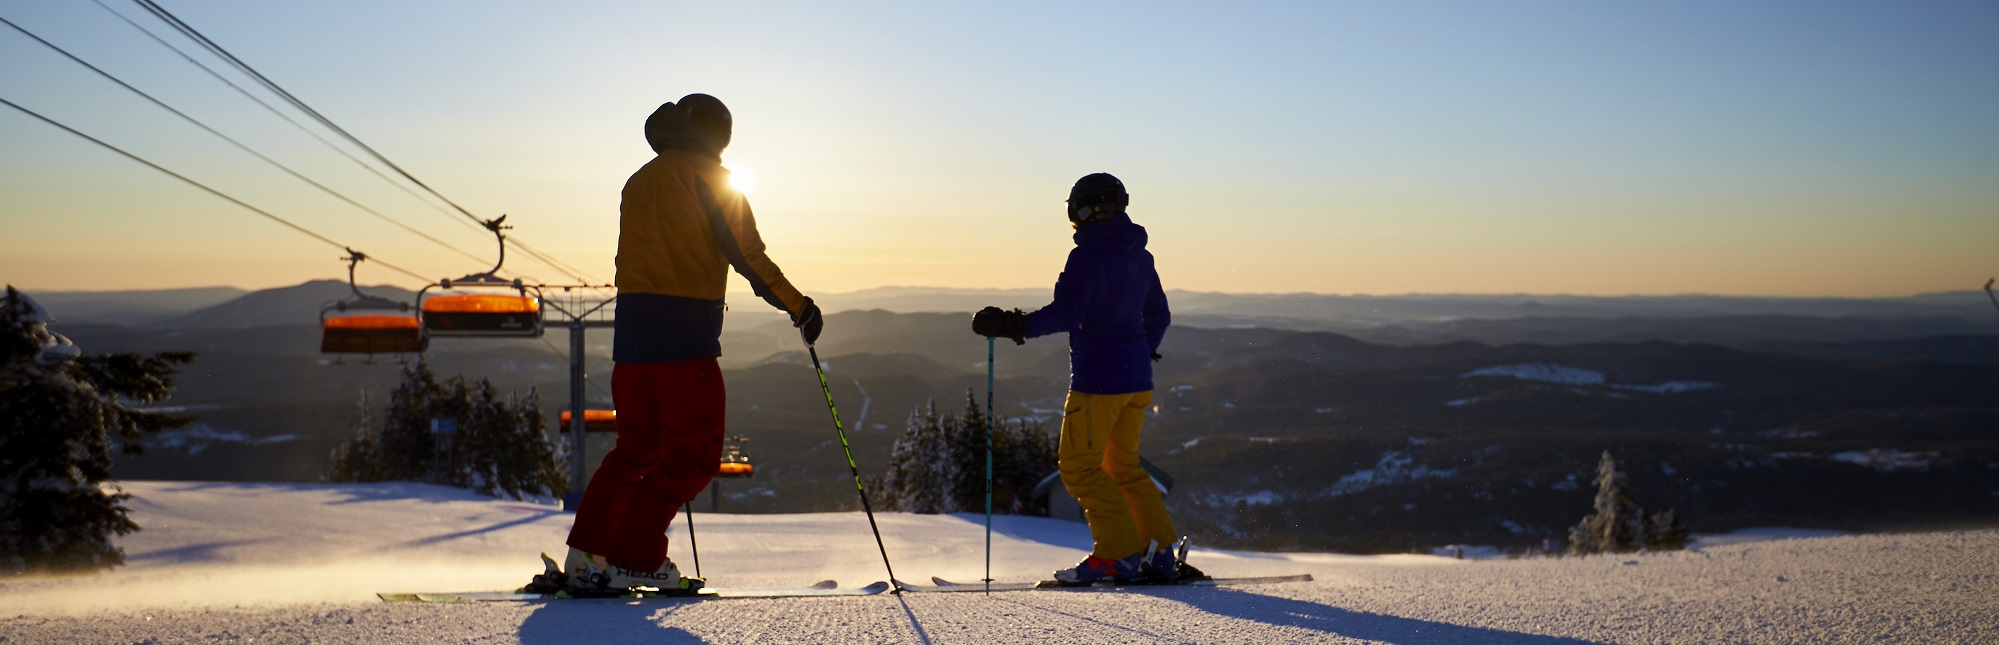 af206b29c21b7 Okemo Mountain Resort | Okemo Ski Resort